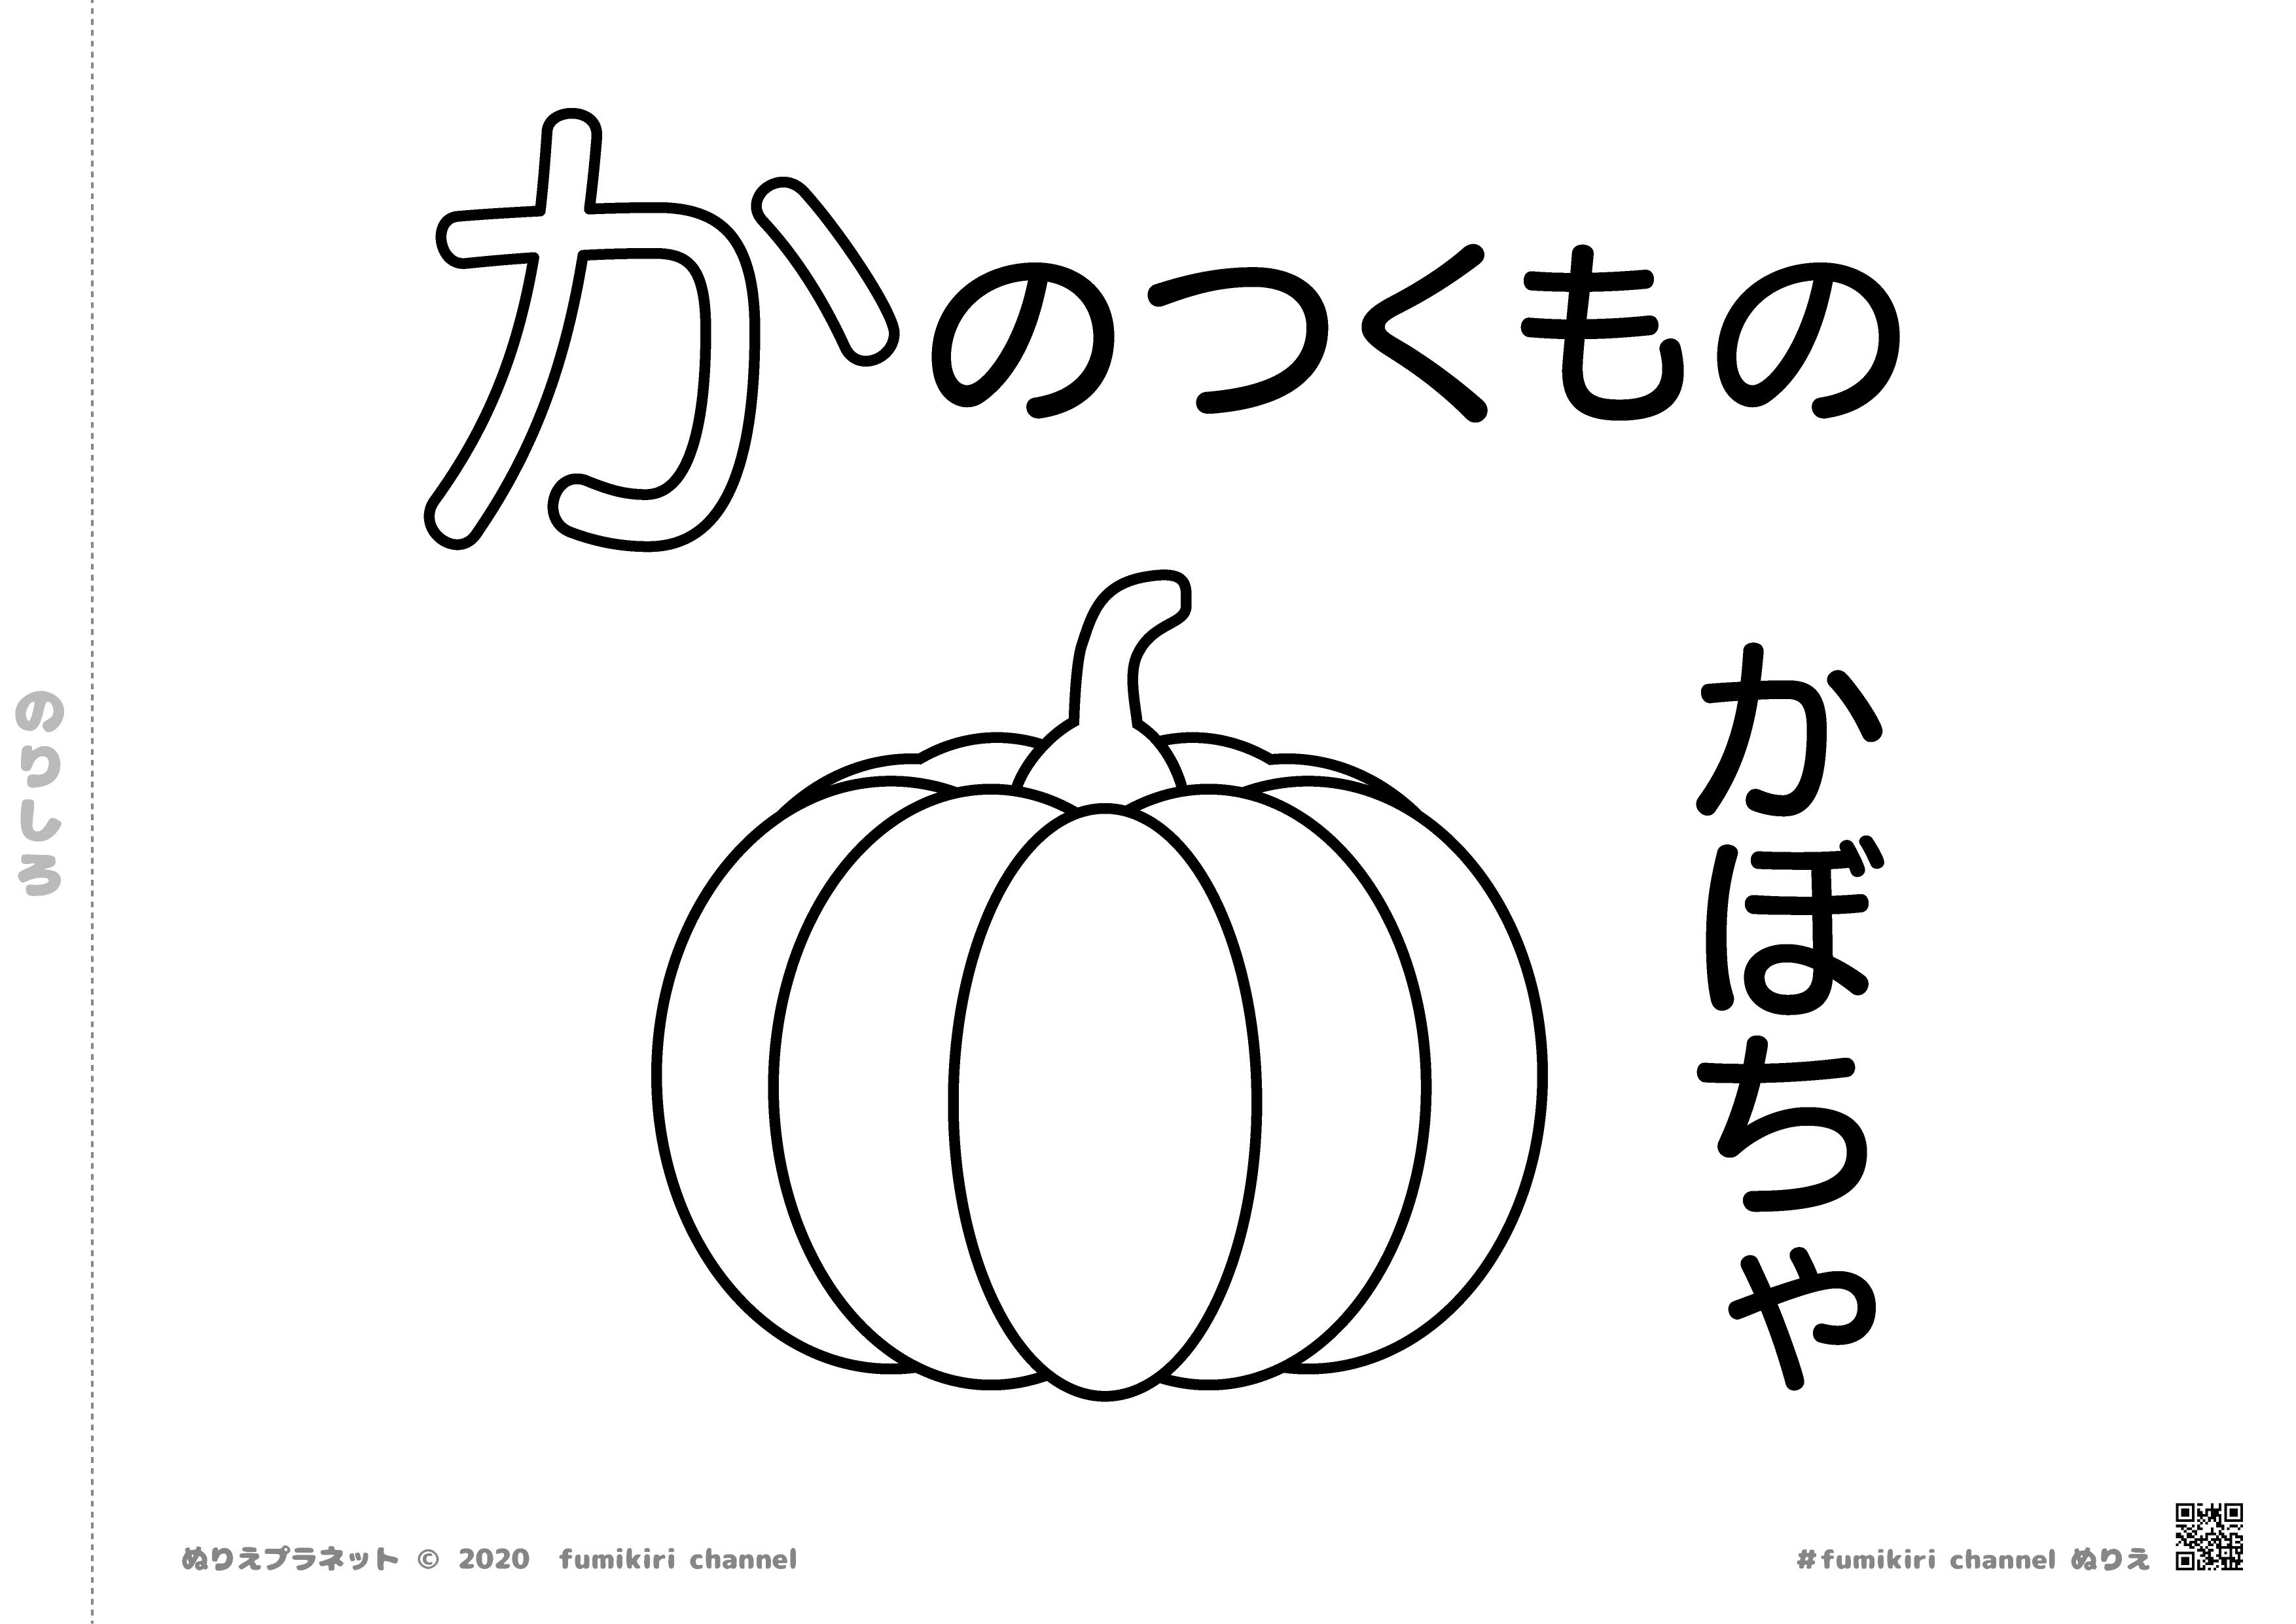 おおきな「かぼちゃ」のぬりえ